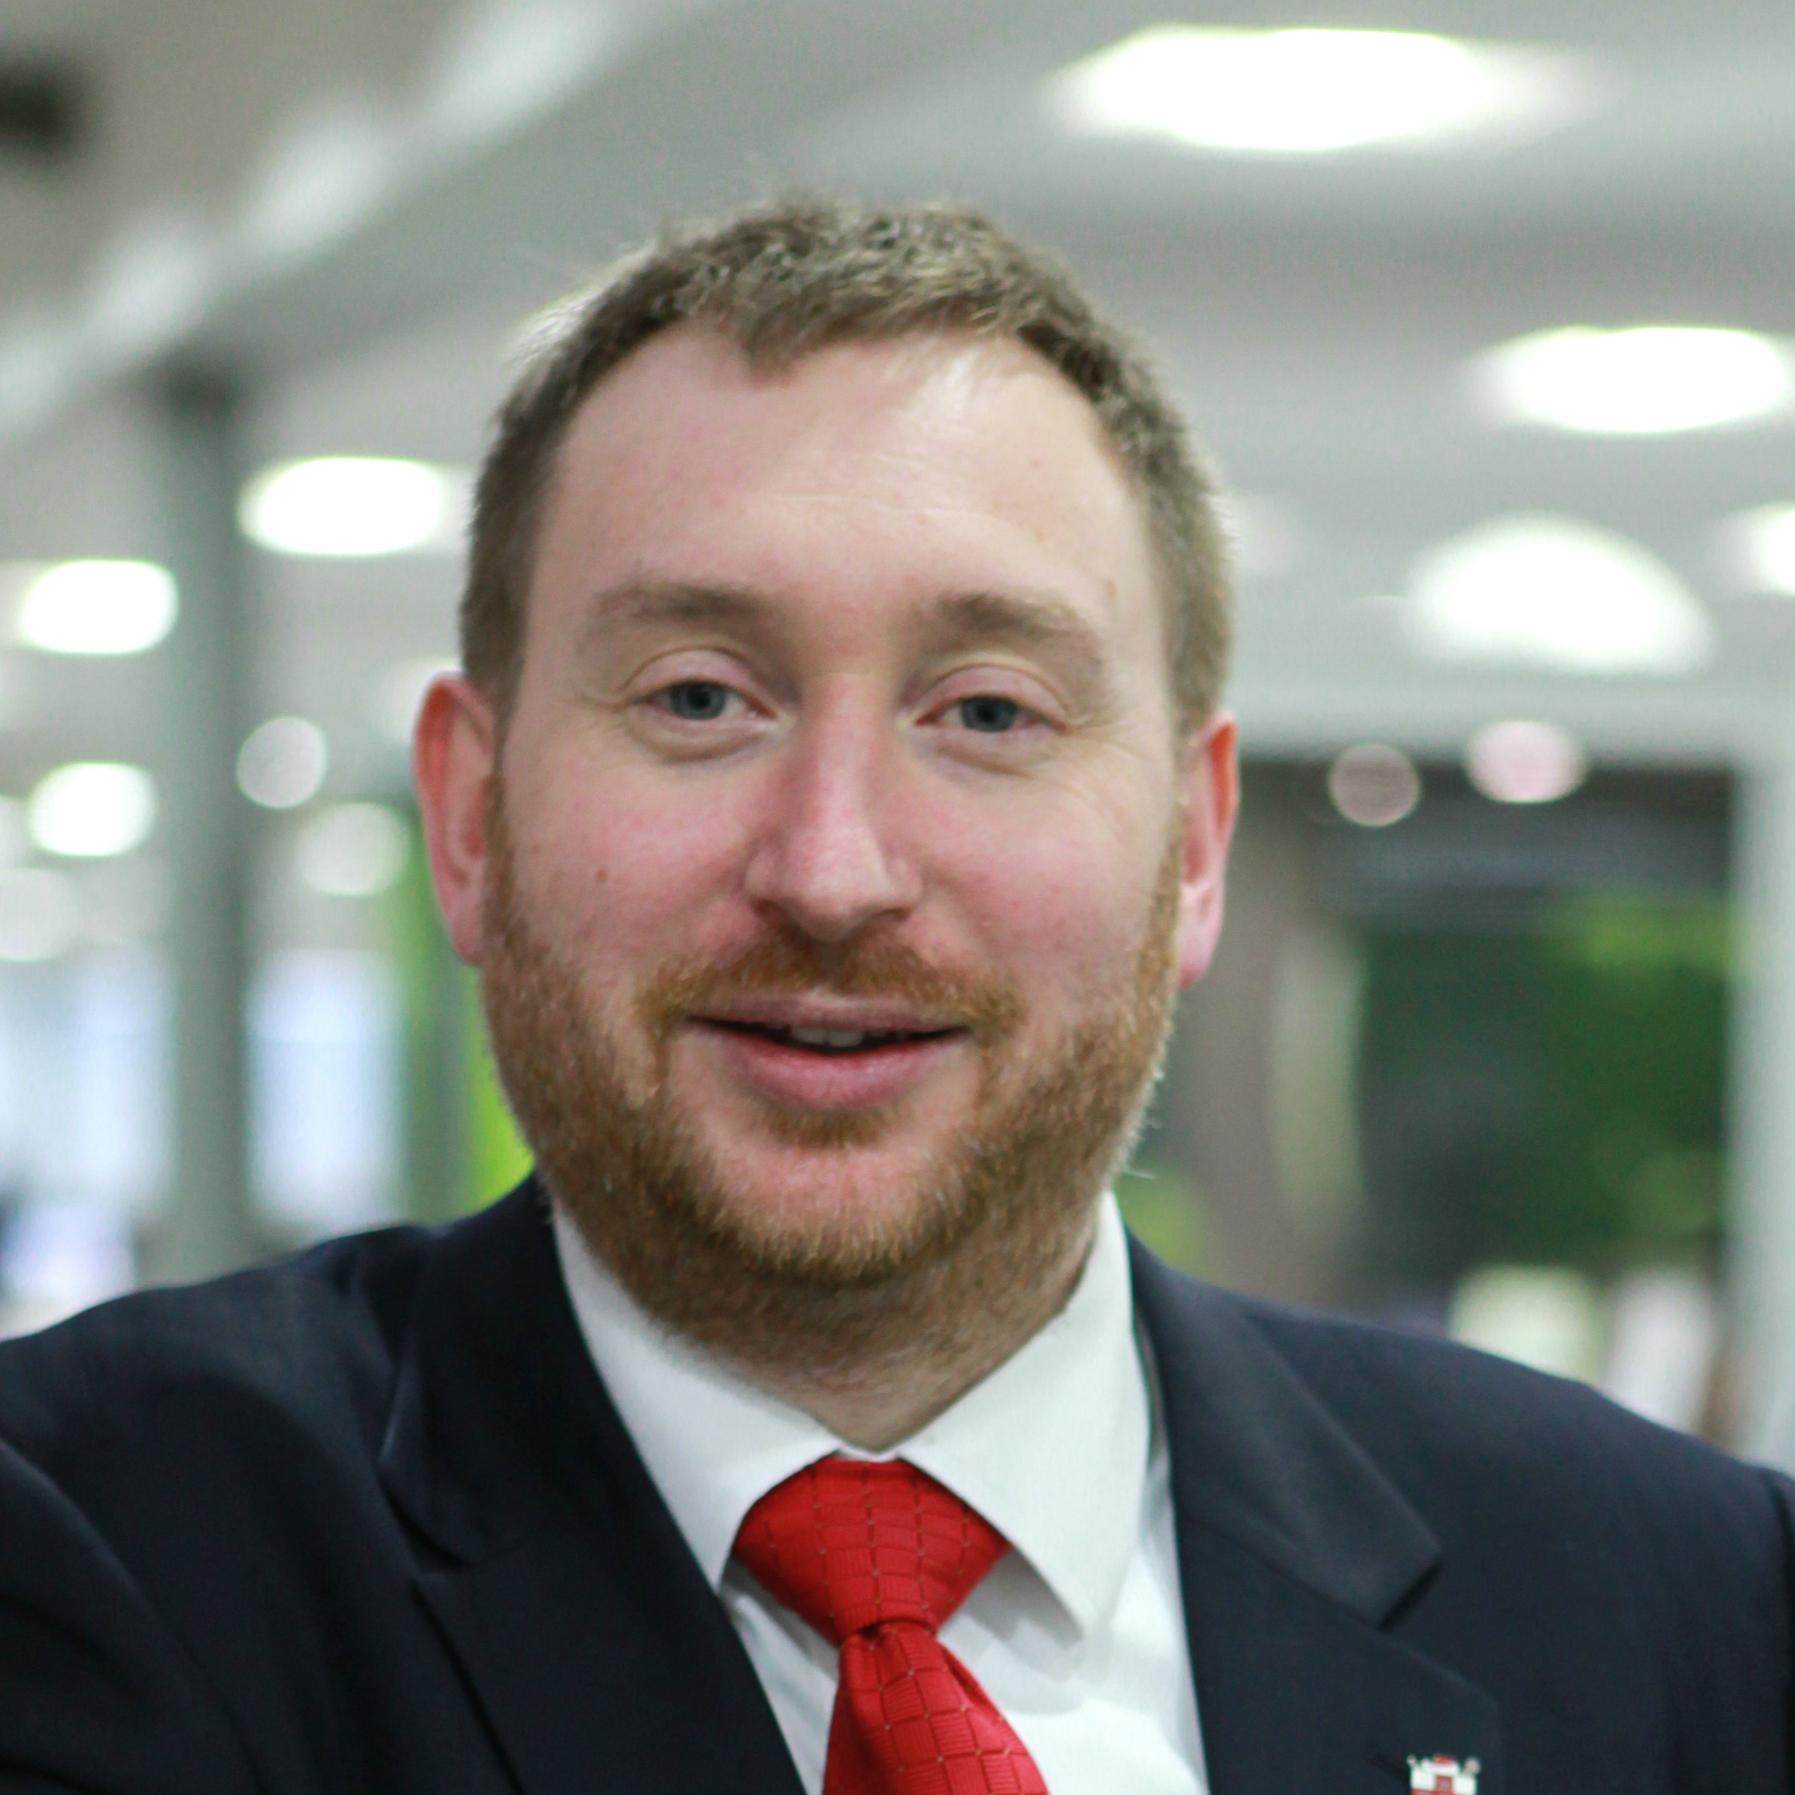 Cllr Dafydd Williams